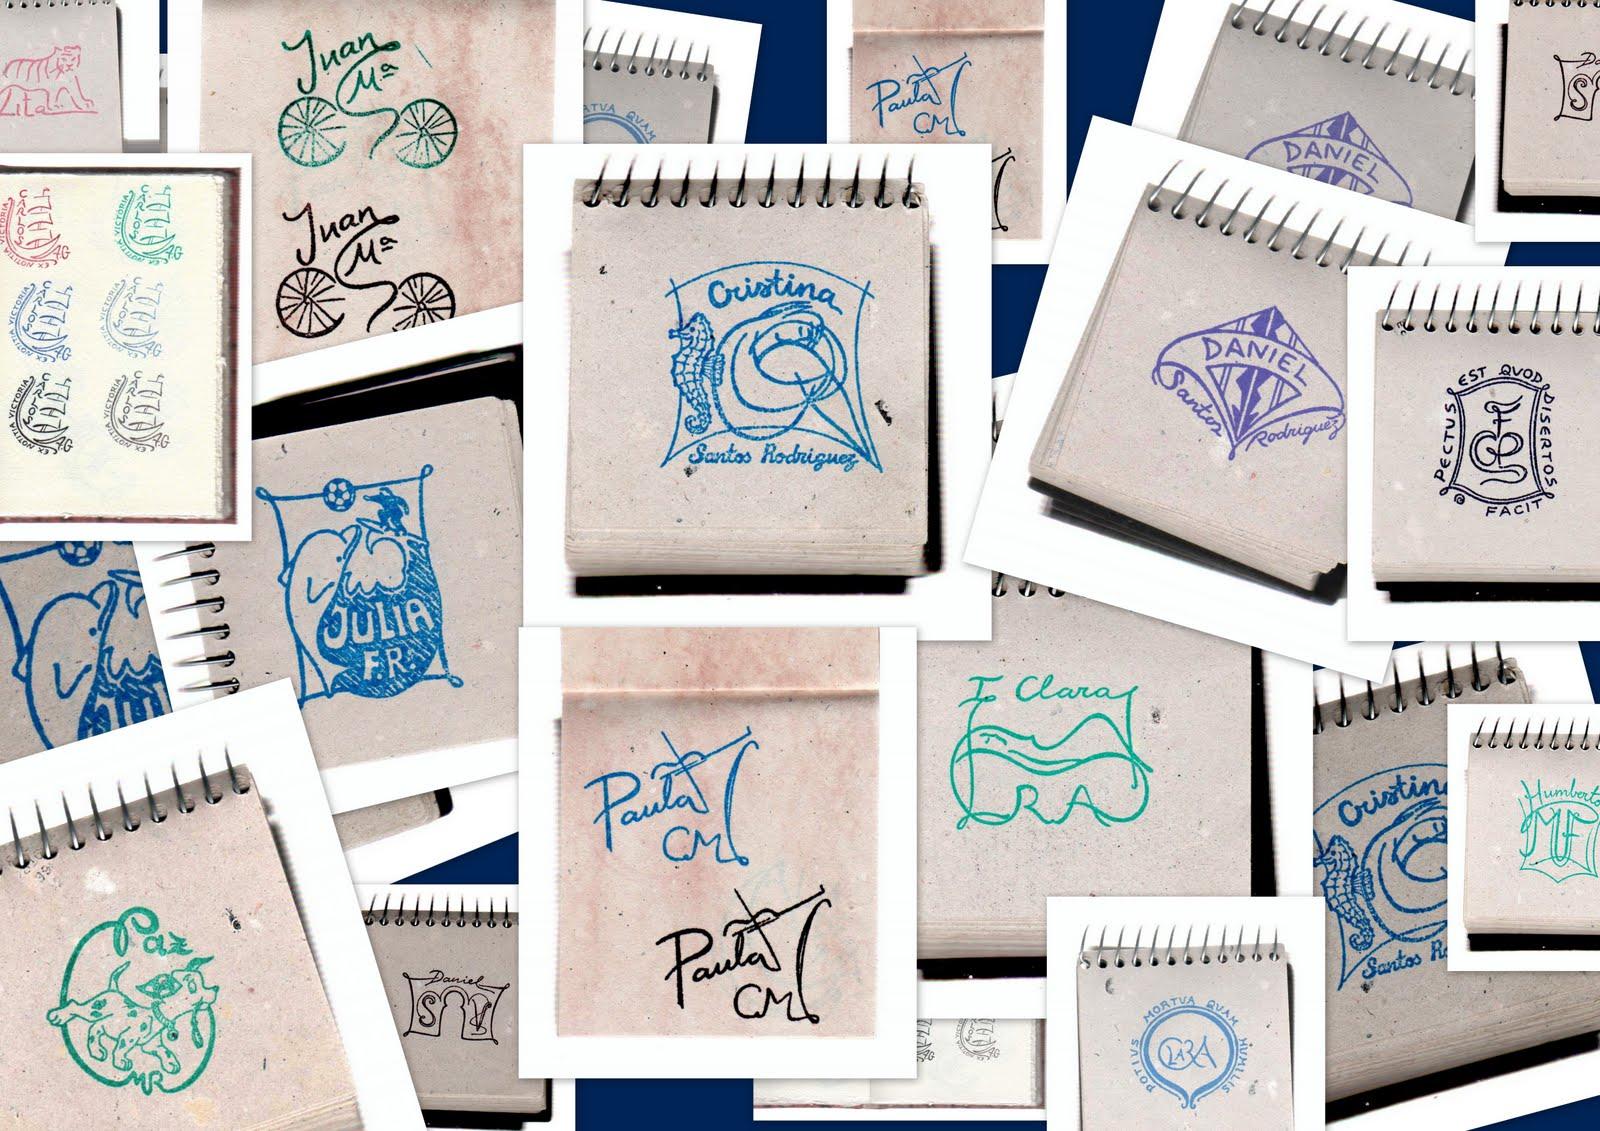 El rinoceronte de cristal ex libris personalizado sello - Ex libris personalizados ...